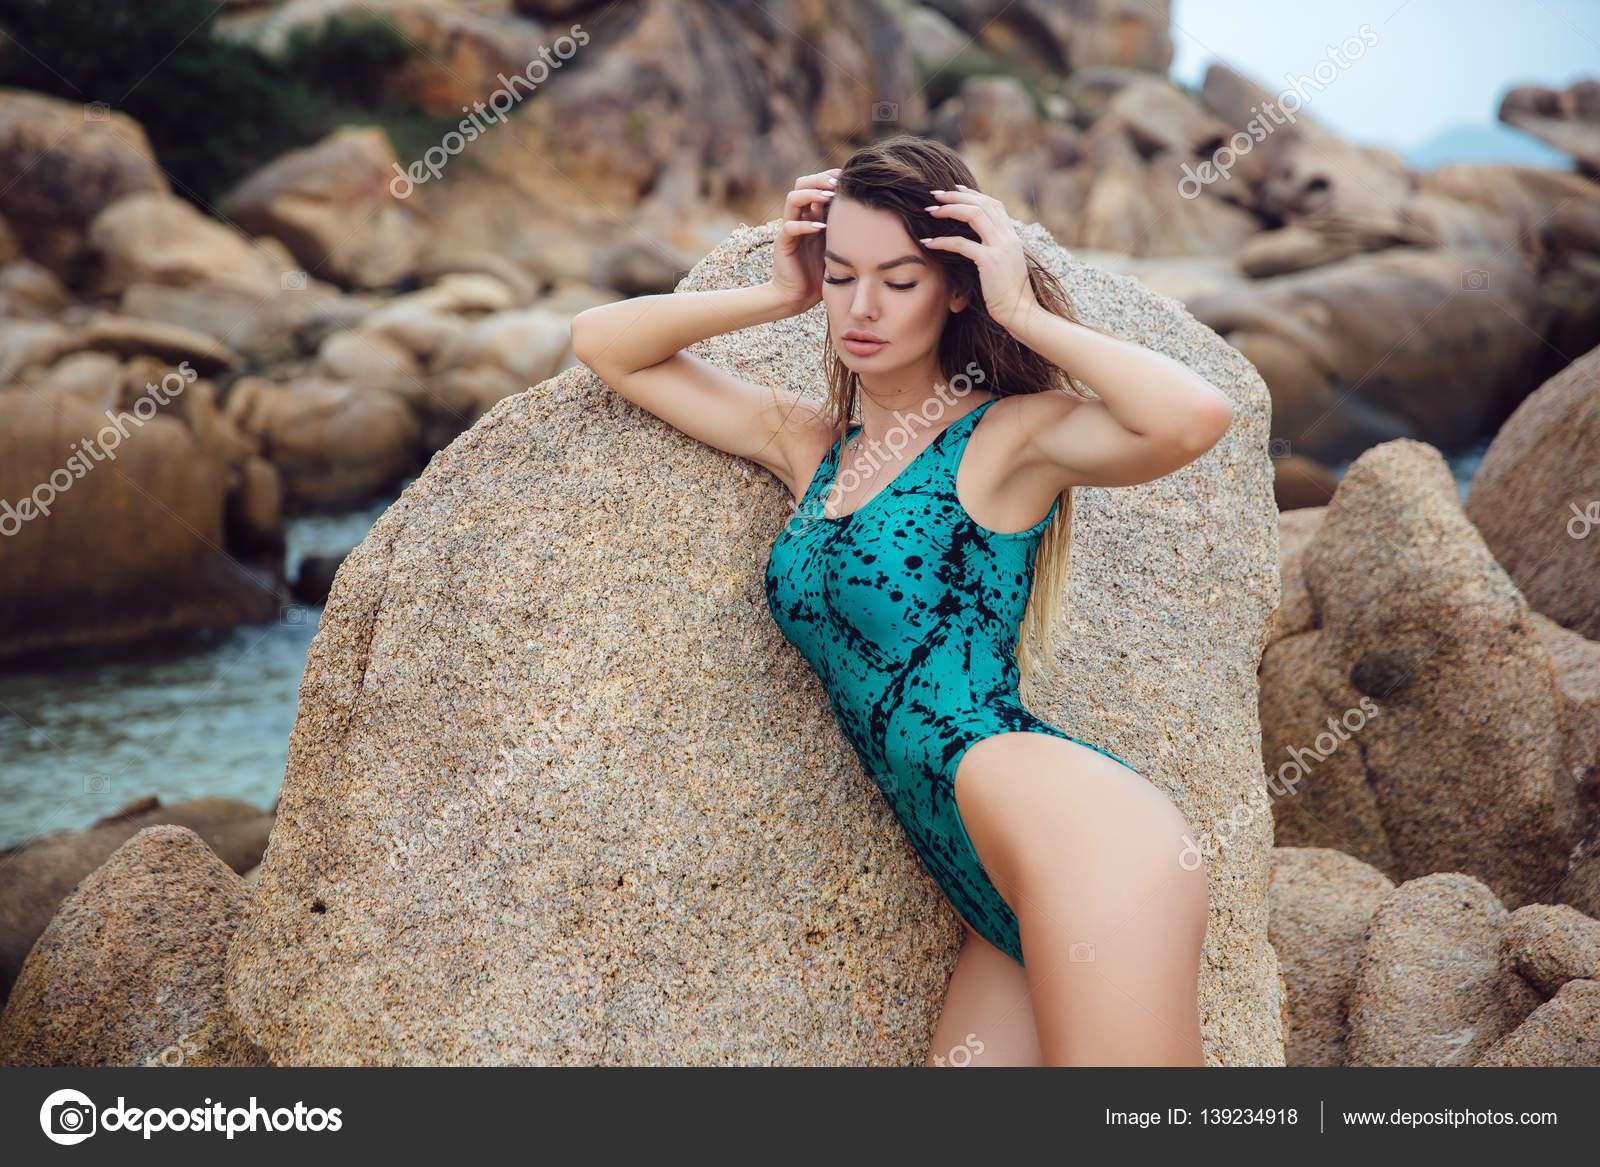 σέξι έβενο πόδια φωτογραφίες